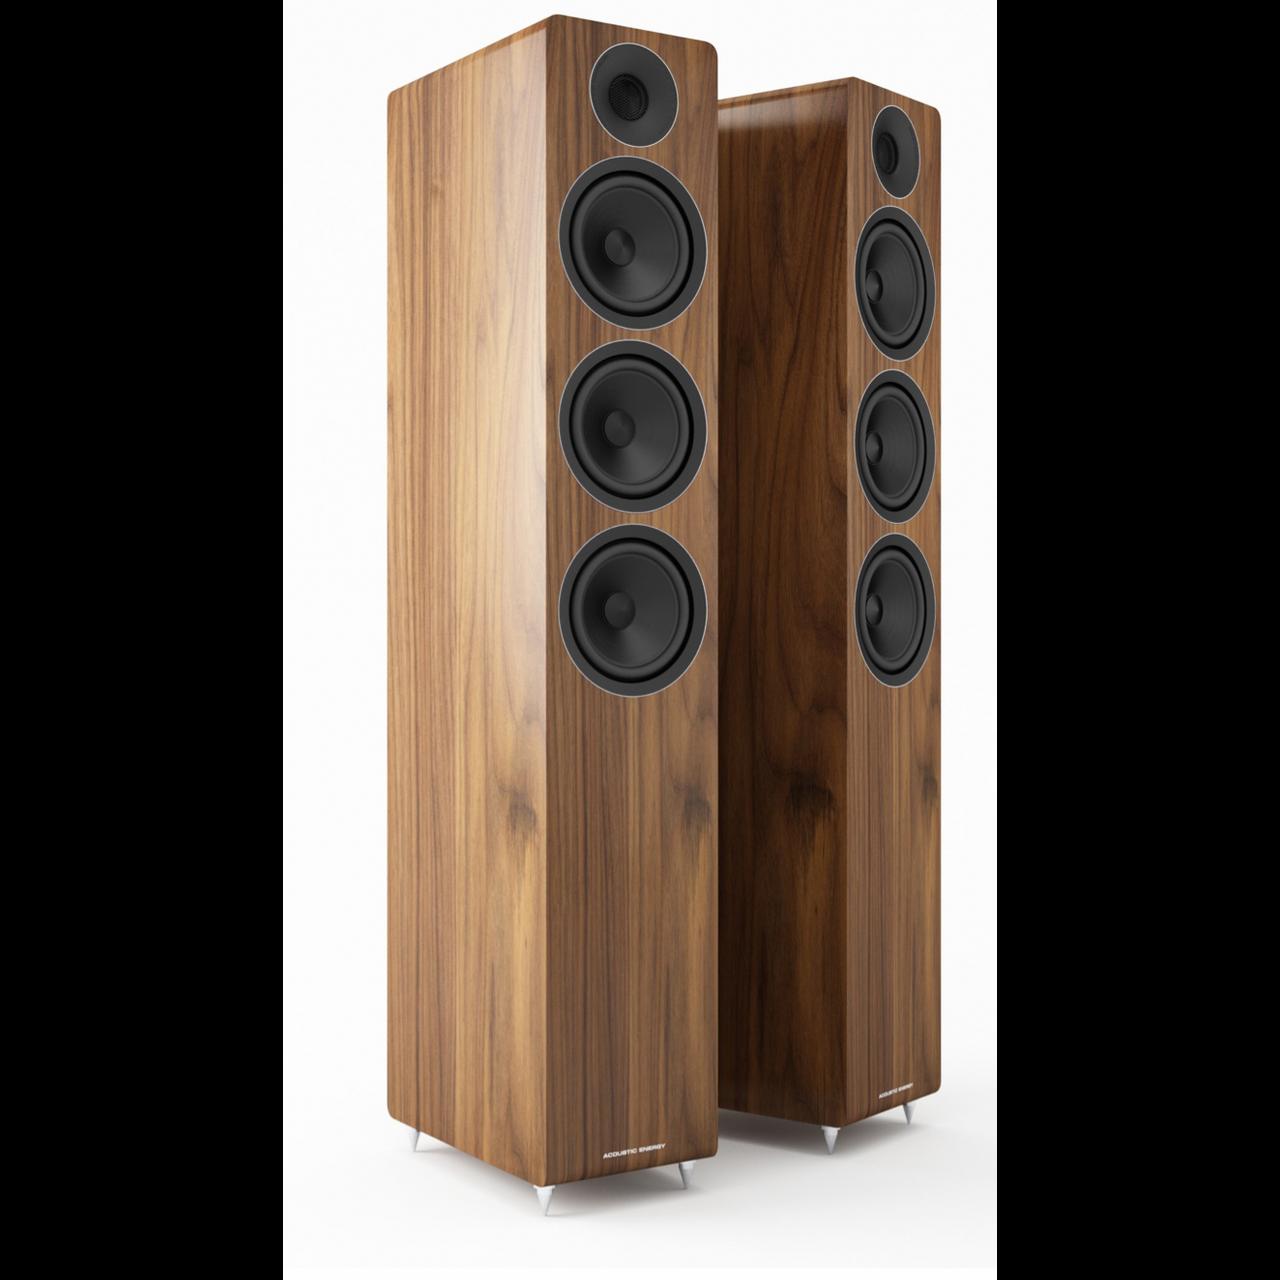 Acoustic Energy AE320 speakers